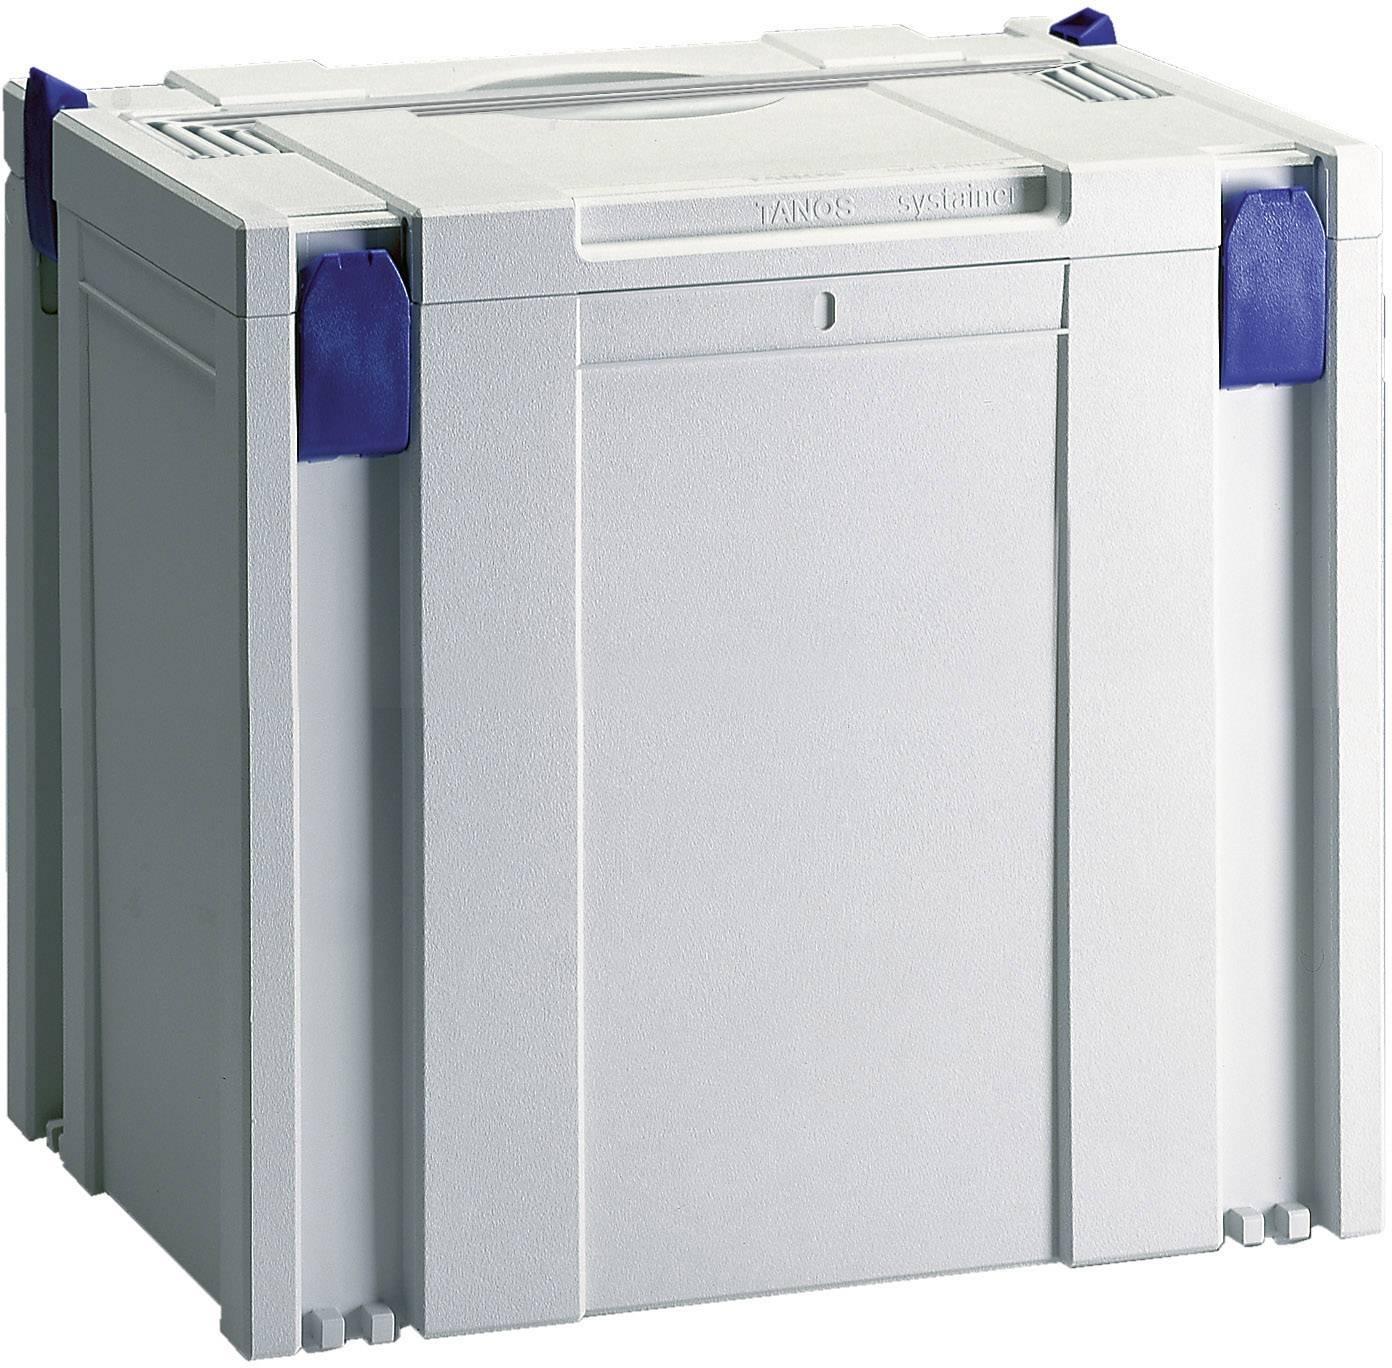 Transportní kufr Tanos systainer® V 80000012, (d x š x v) 300 x 400 x 420 mm